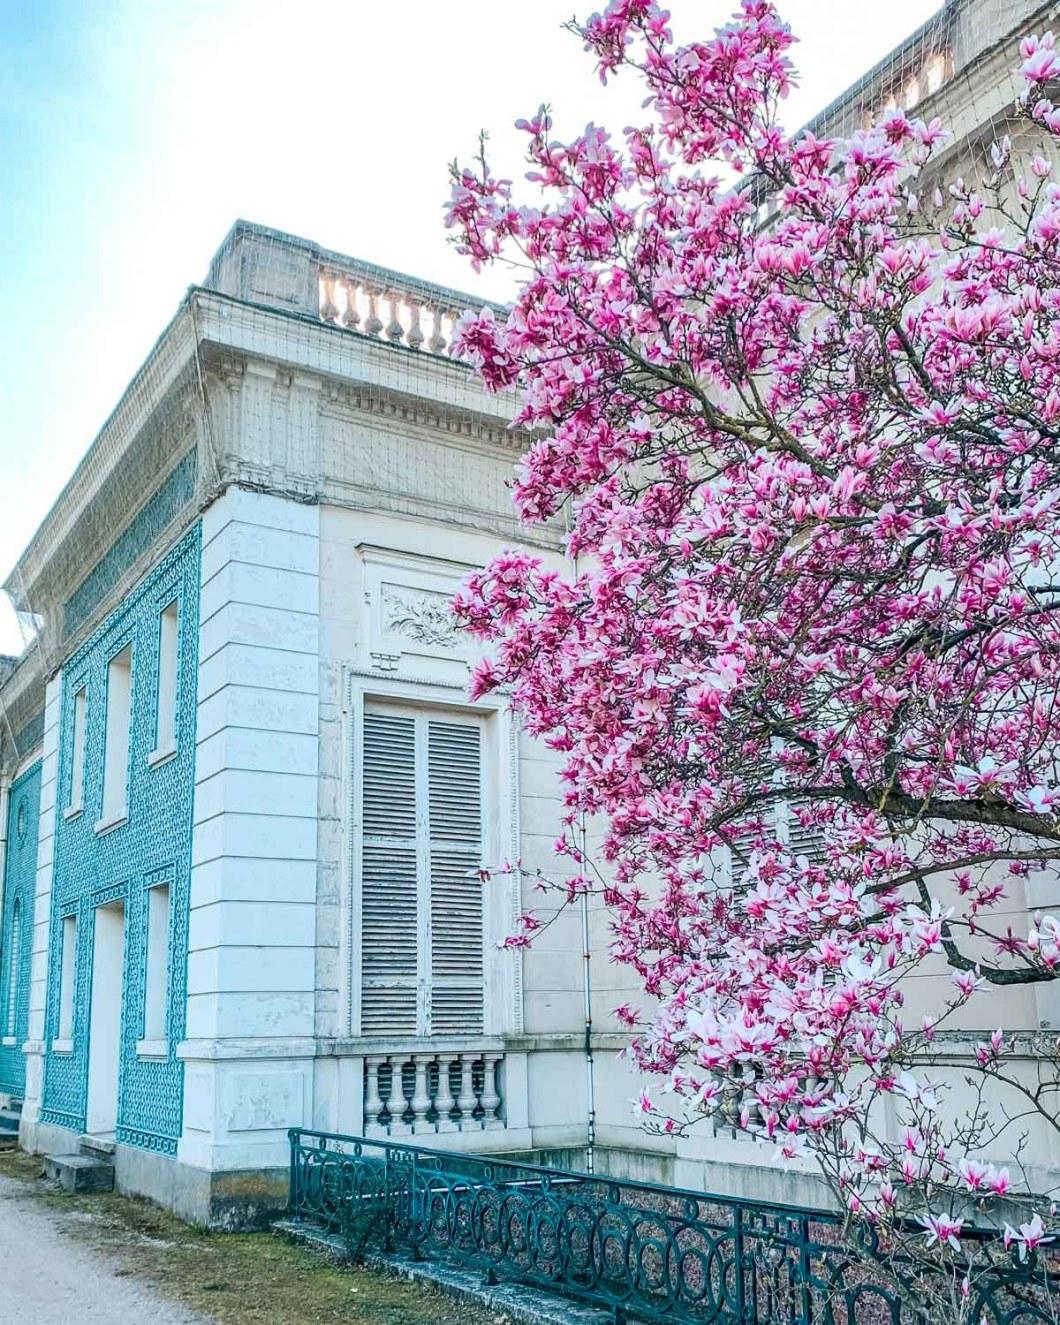 Magnolias in Parc de Bagatelle - Paris